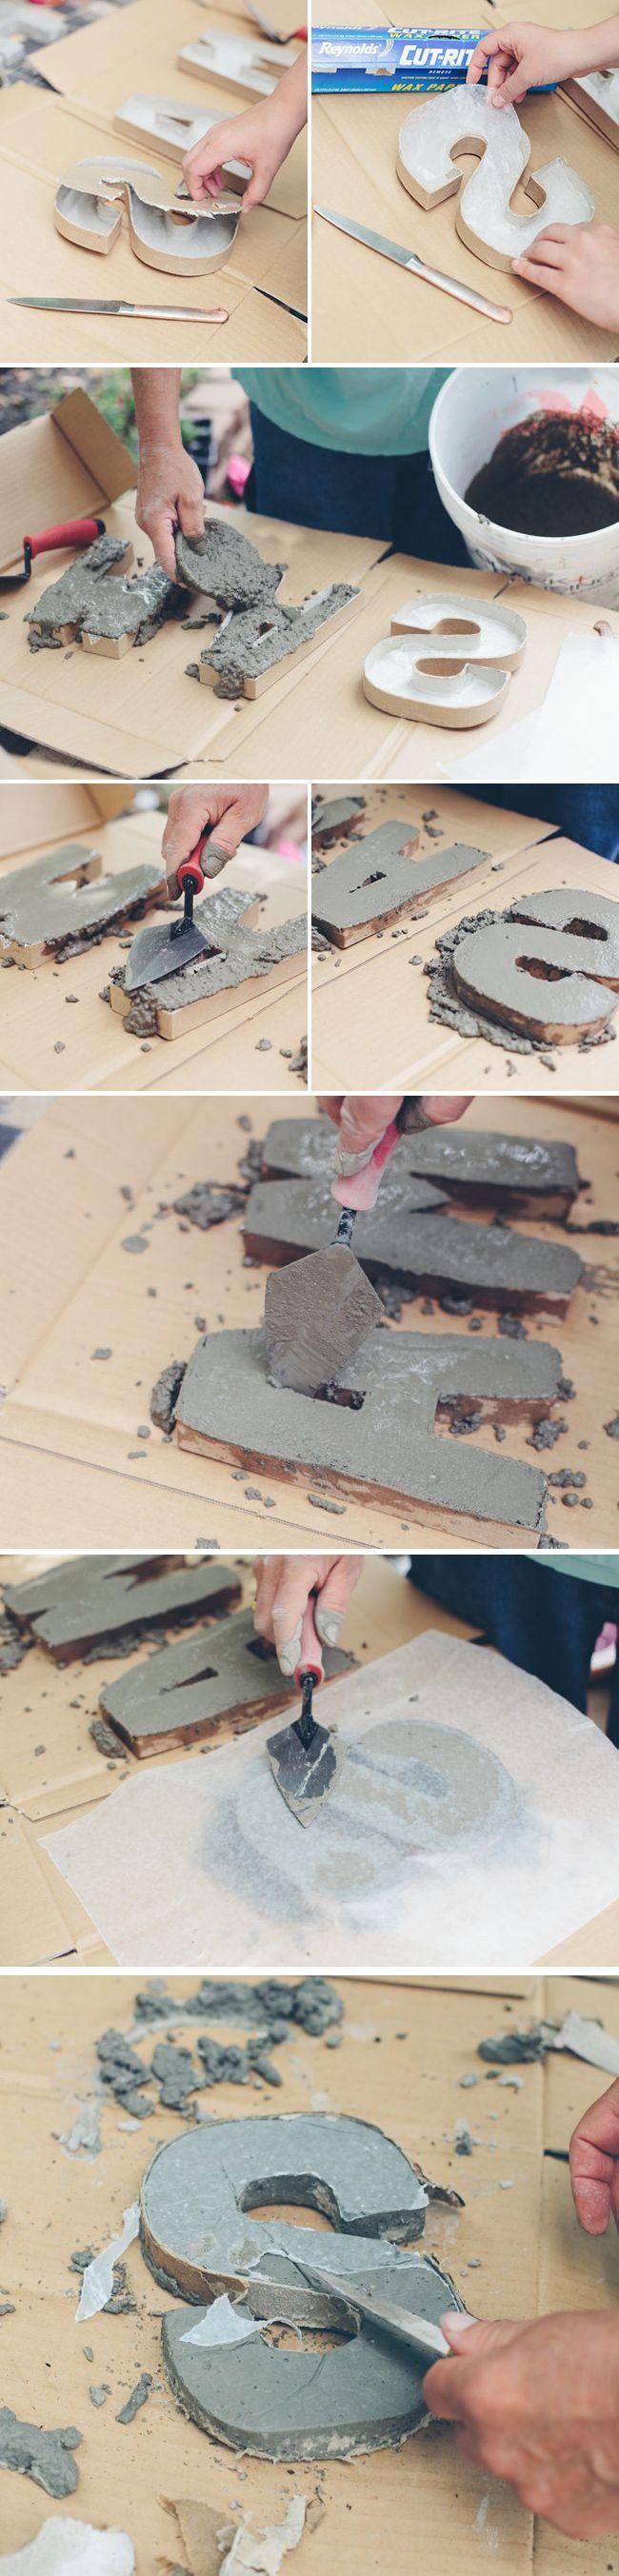 betonból betűk öntése